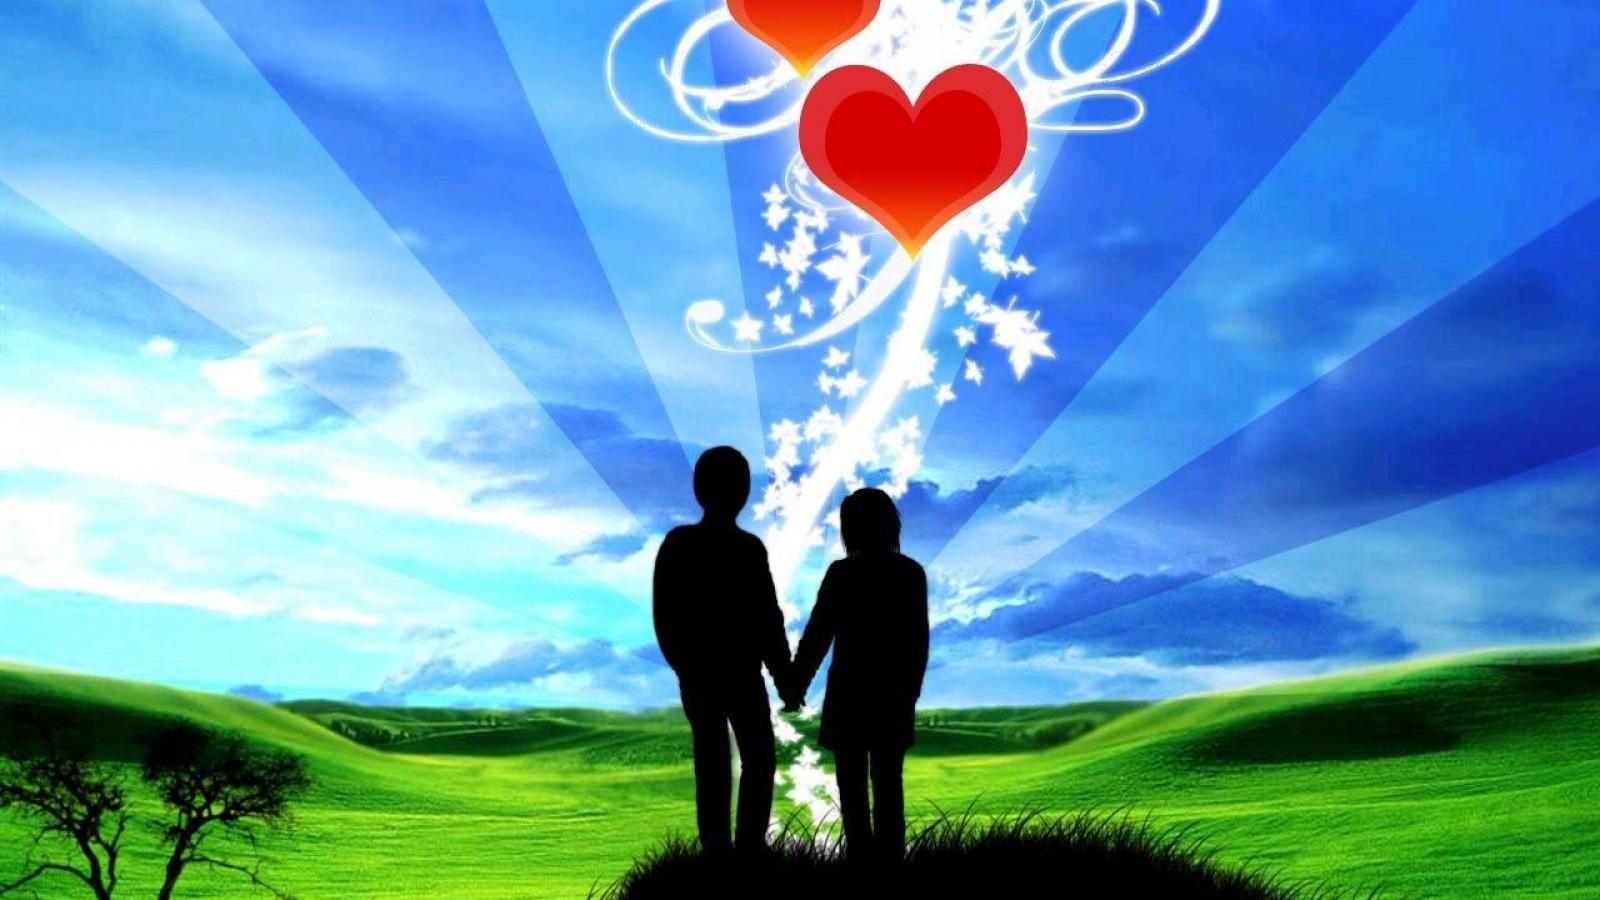 Recopilaci³n con 40 imágenes de amor que sirven o wallpapers o fondo de pantalla ideales para editar y dedicar a tu pareja